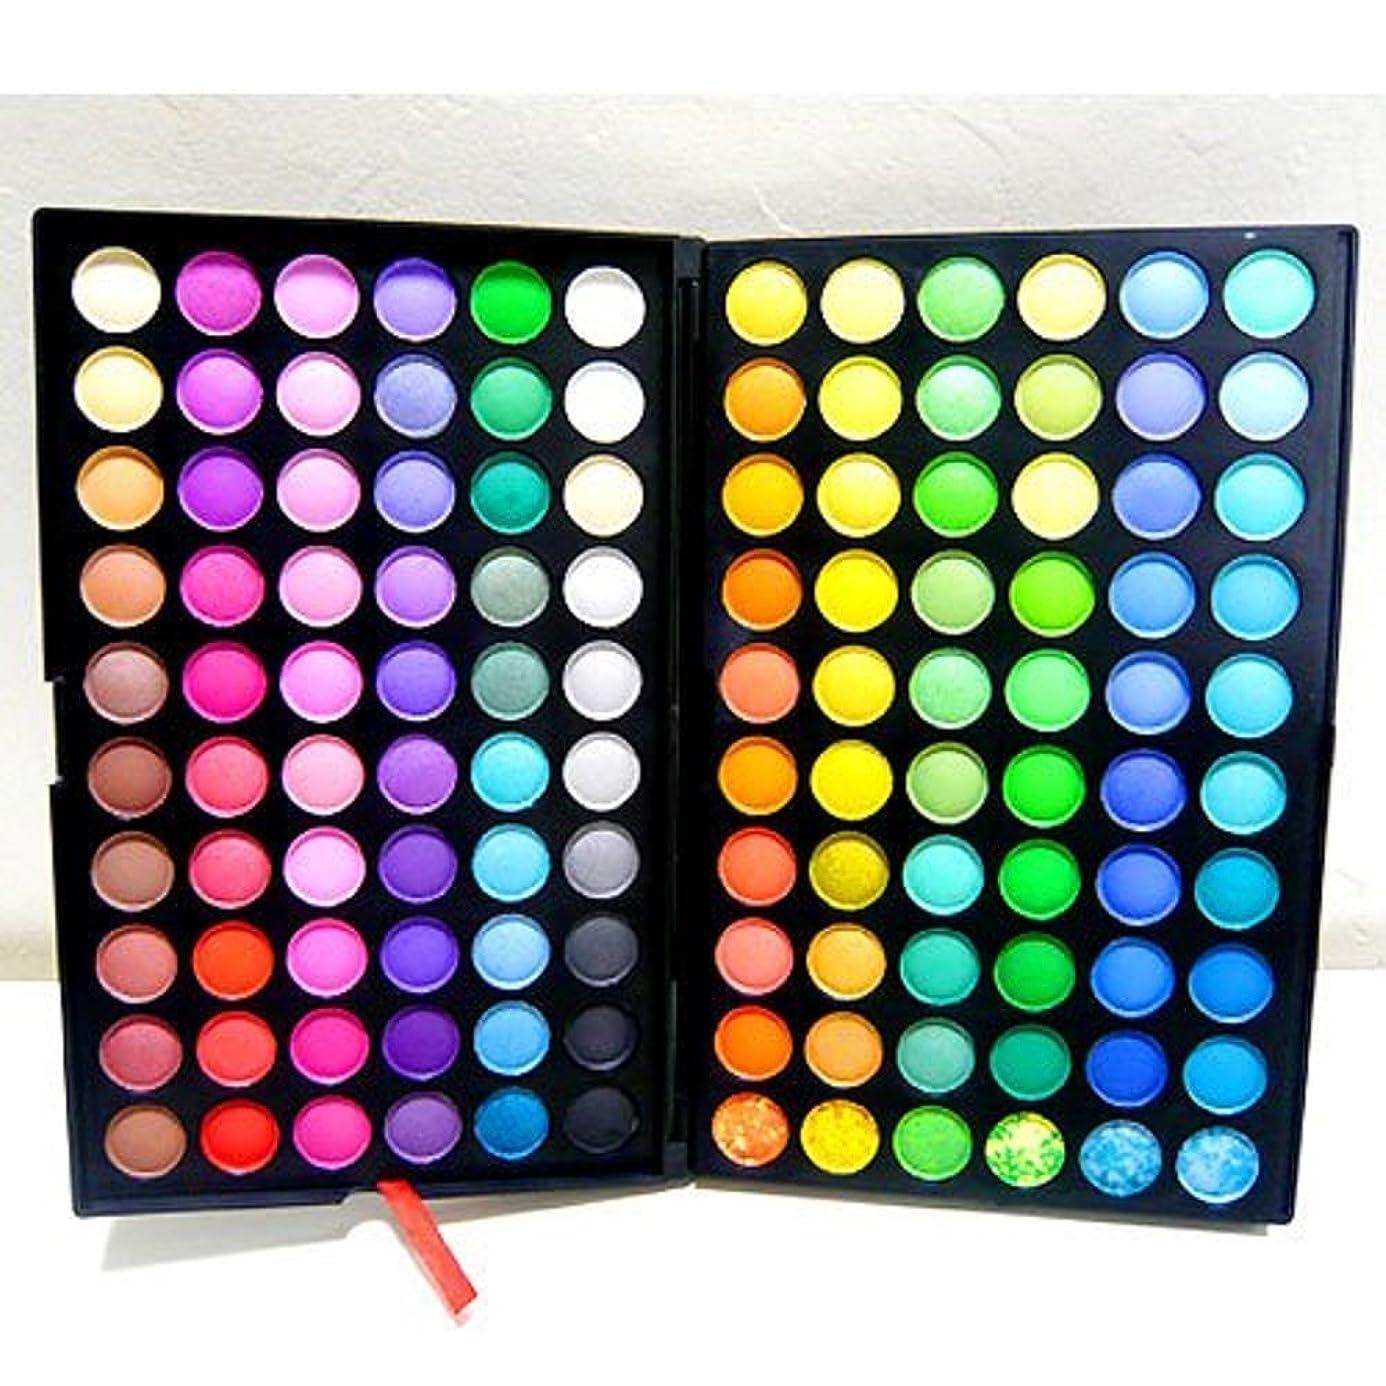 闇痛いカバレッジ入荷しました【LuxuryRose】発色が素晴らしい!120カラーアイシャドウパレット